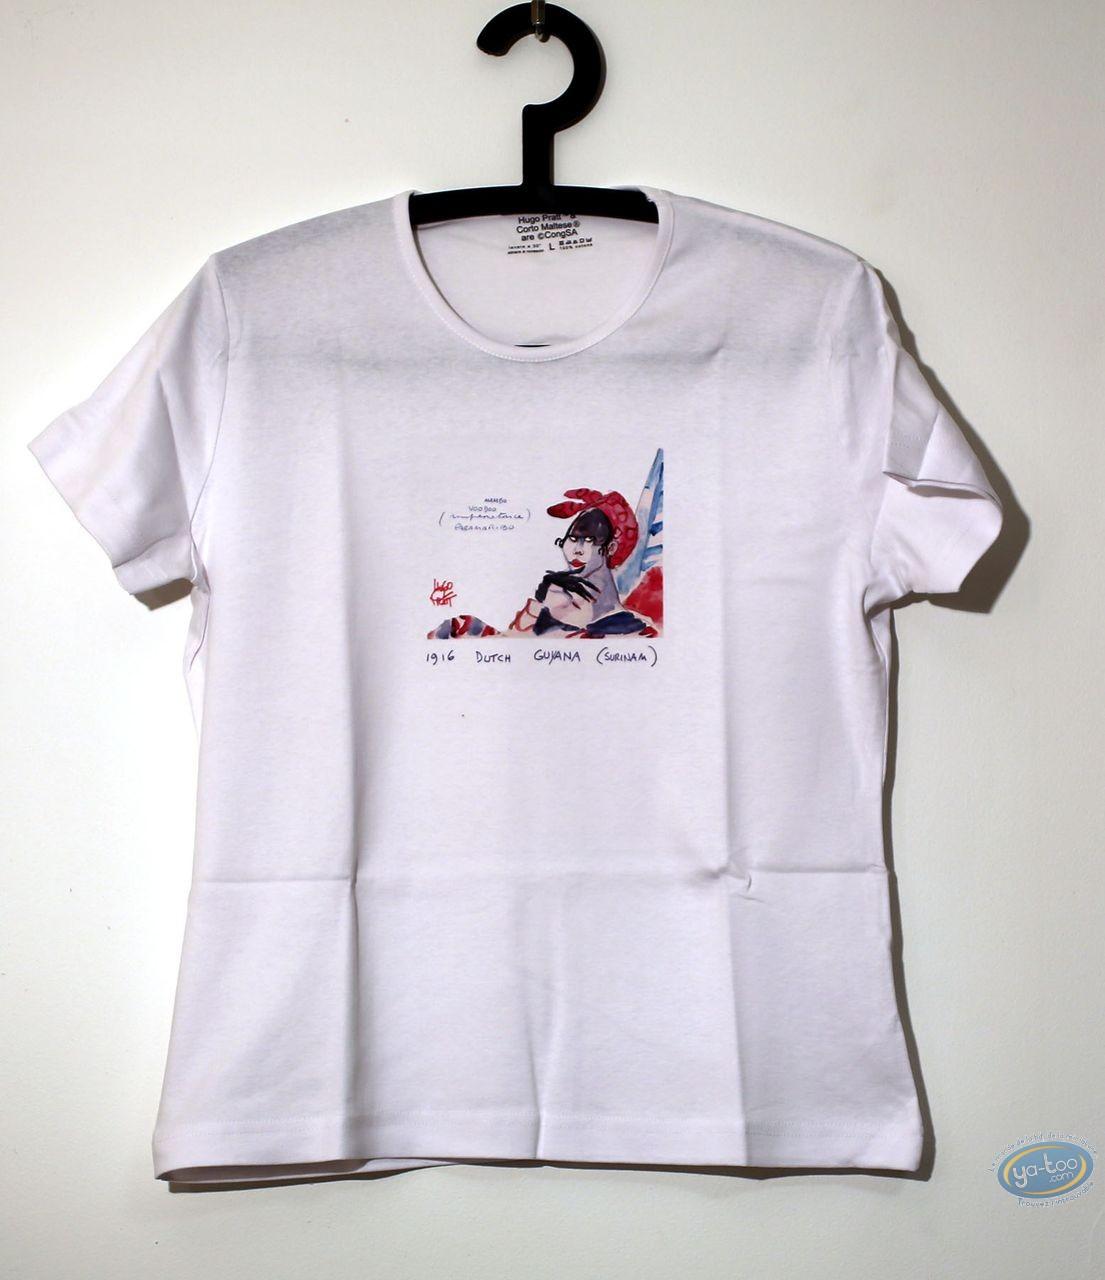 Clothes, Corto Maltese : T-shirt, Corto Maltese : Lady 05/03 Mambo size S